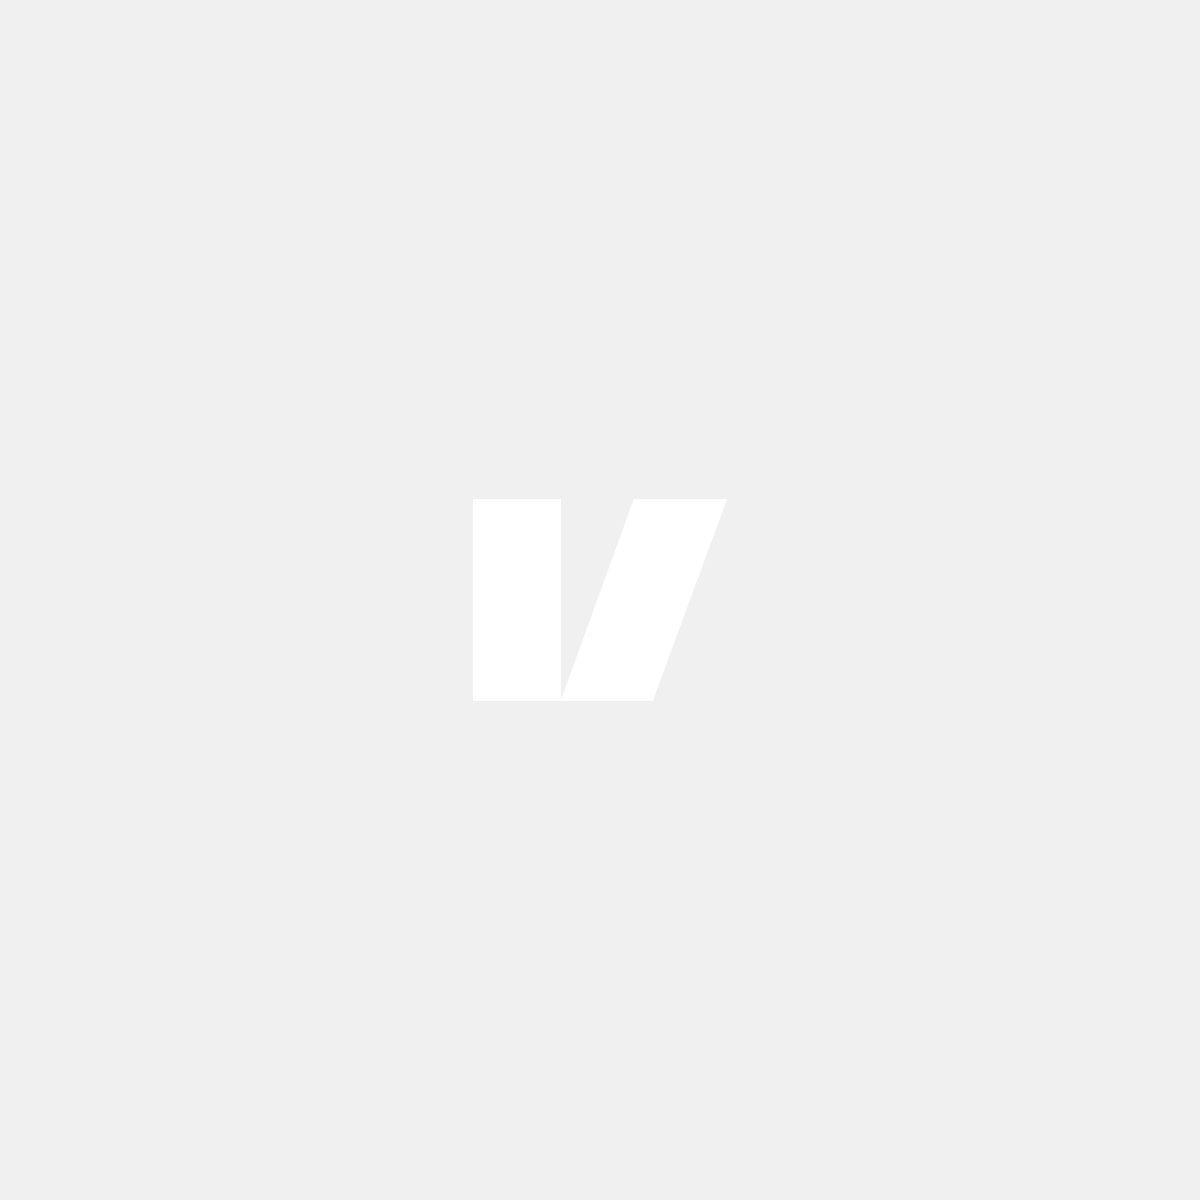 XC-Grill till Volvo S70, V70, C70, V70XC